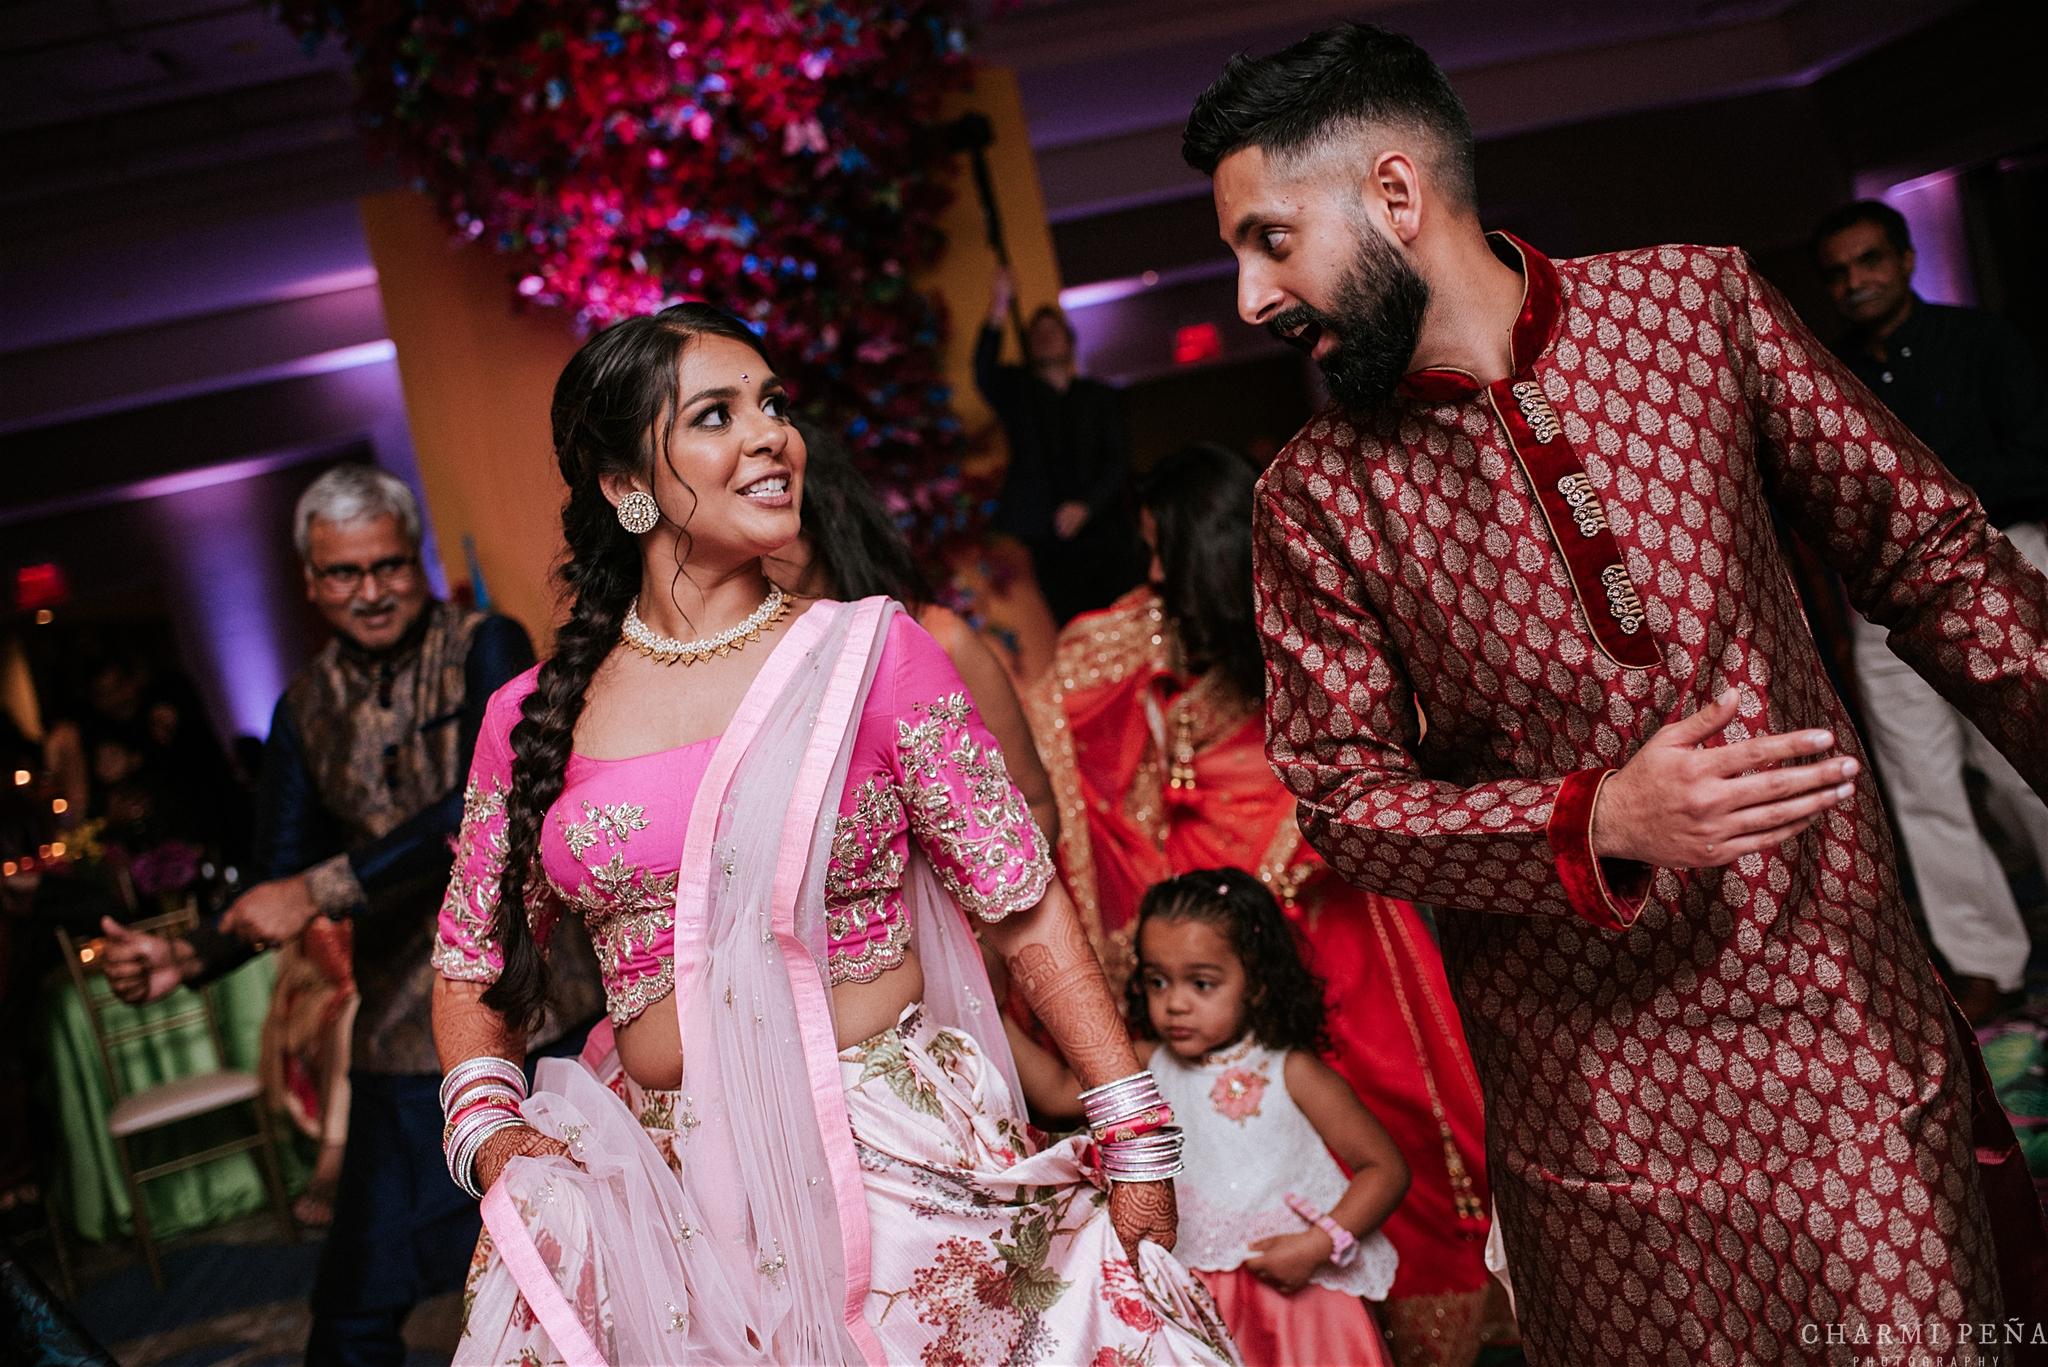 INDIAN WEDDING SANGEET BRIDE AND GROOM DANCING.jpg